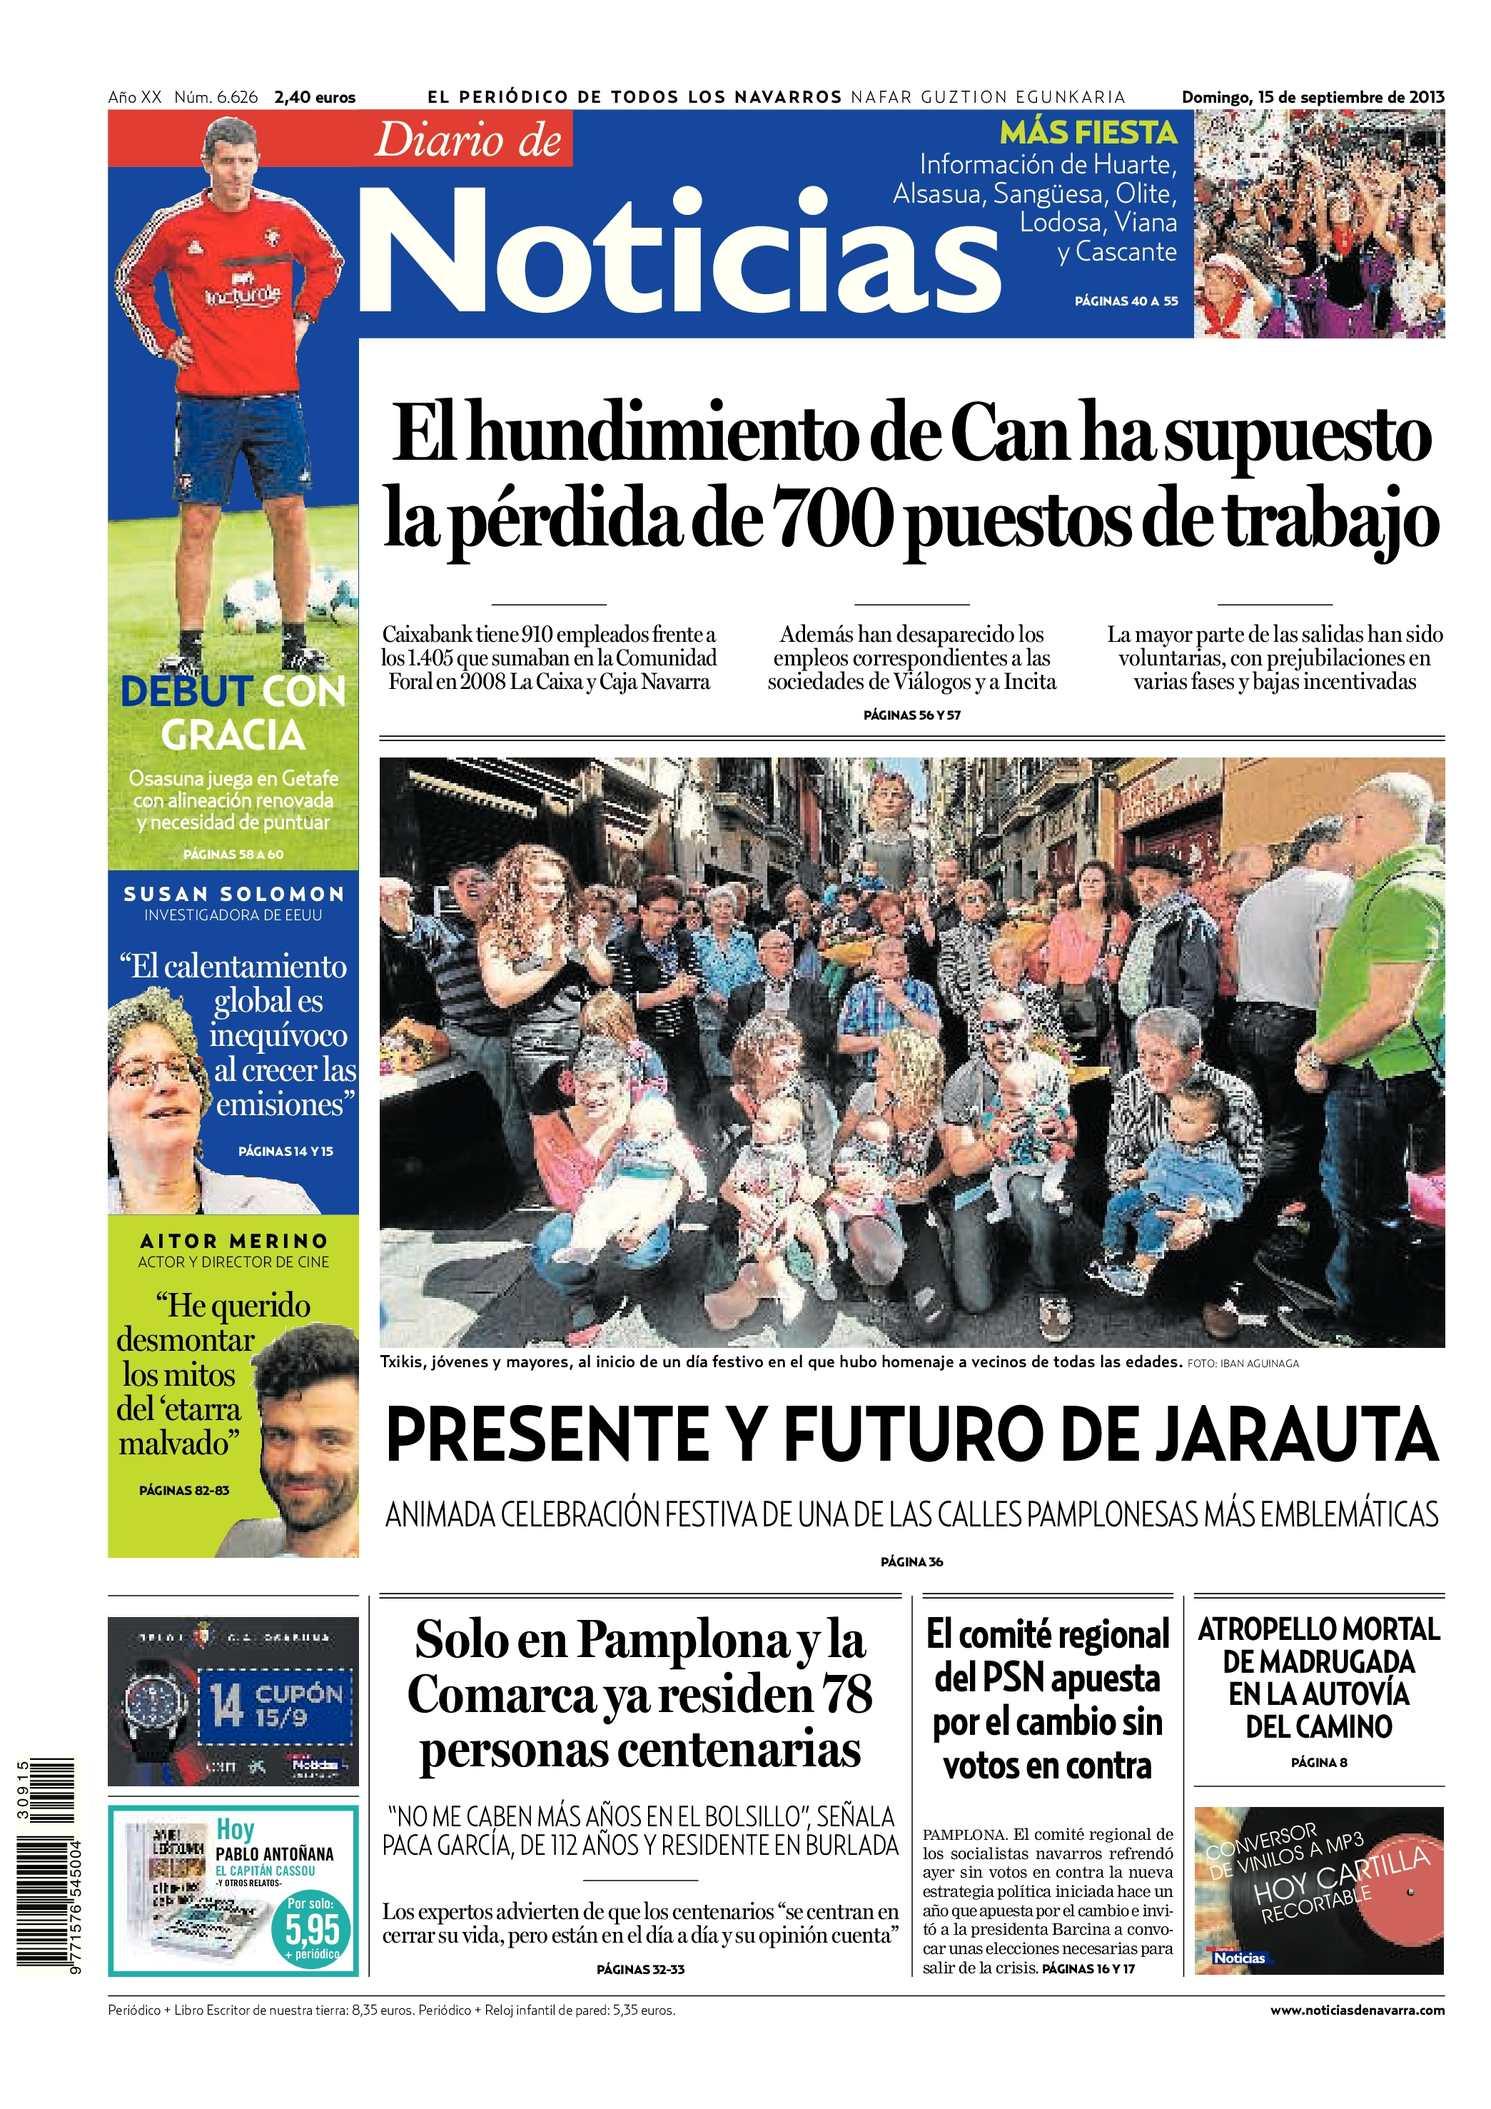 d021a4f78b1 Calaméo - Diario de Noticias 20130915